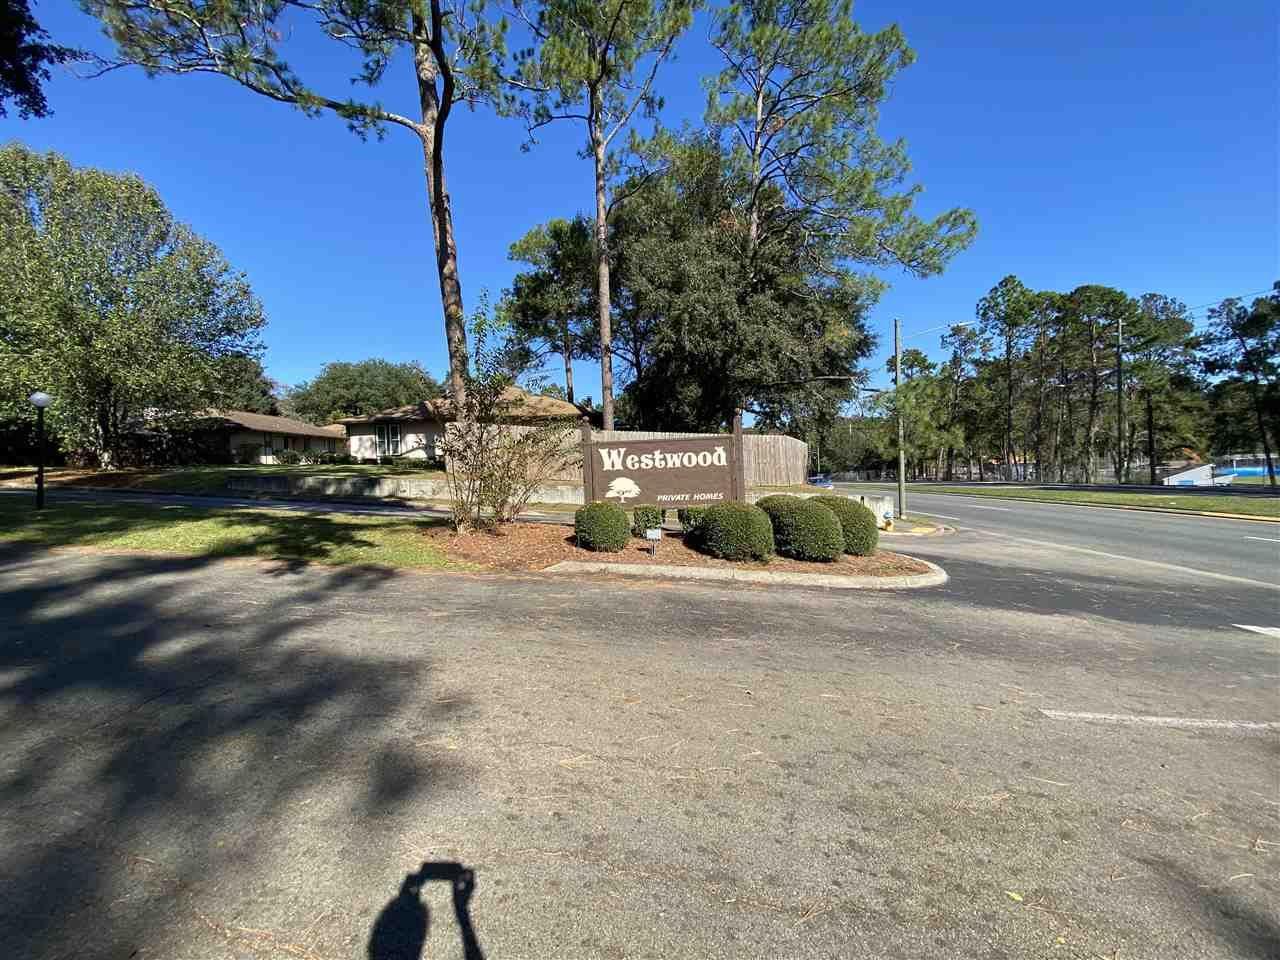 110 Westwood, Tallahassee, FL 32304 - MLS#: 326092